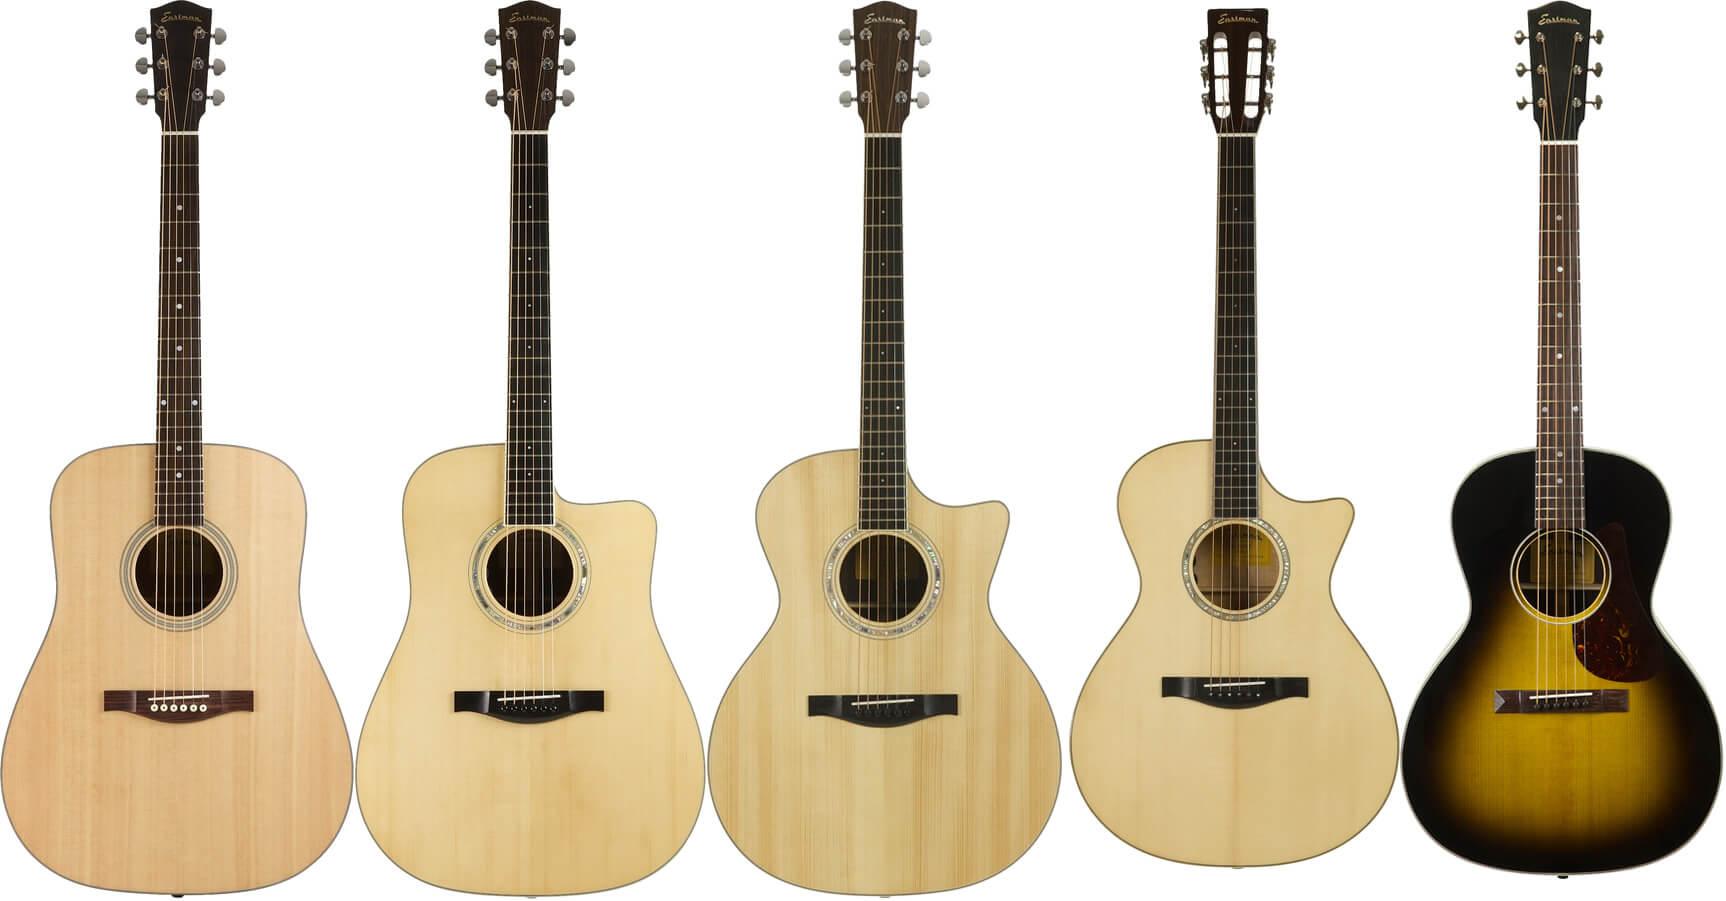 EASTMAN(イーストマン)のアコースティックギター